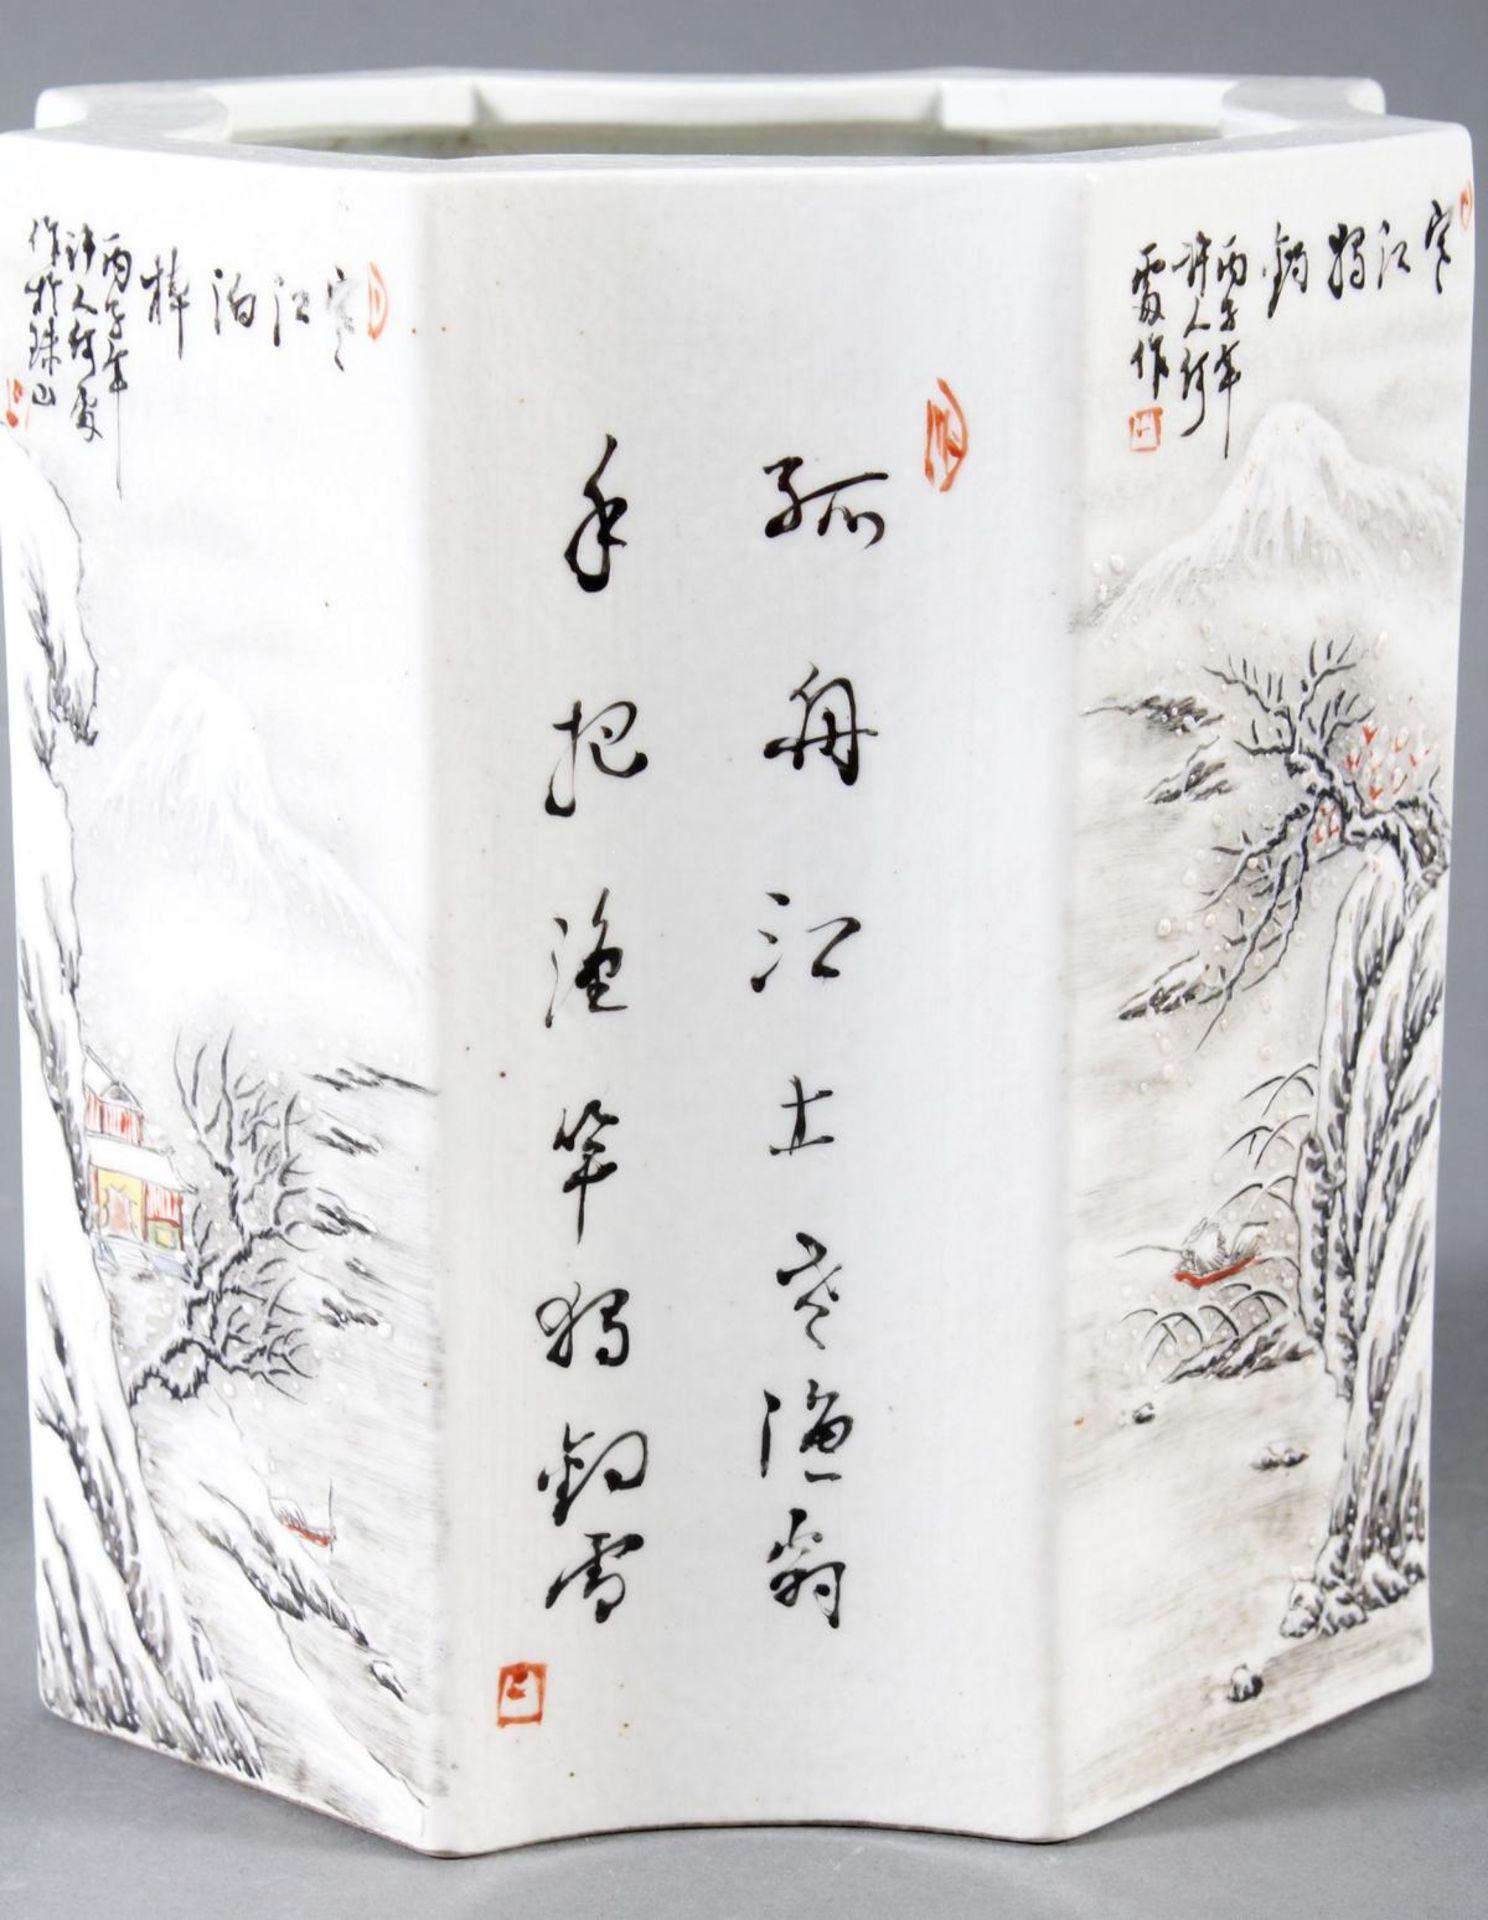 Porzellan-Pinselbehälter, China, Mitte 20. Jahrhundert - Bild 6 aus 15